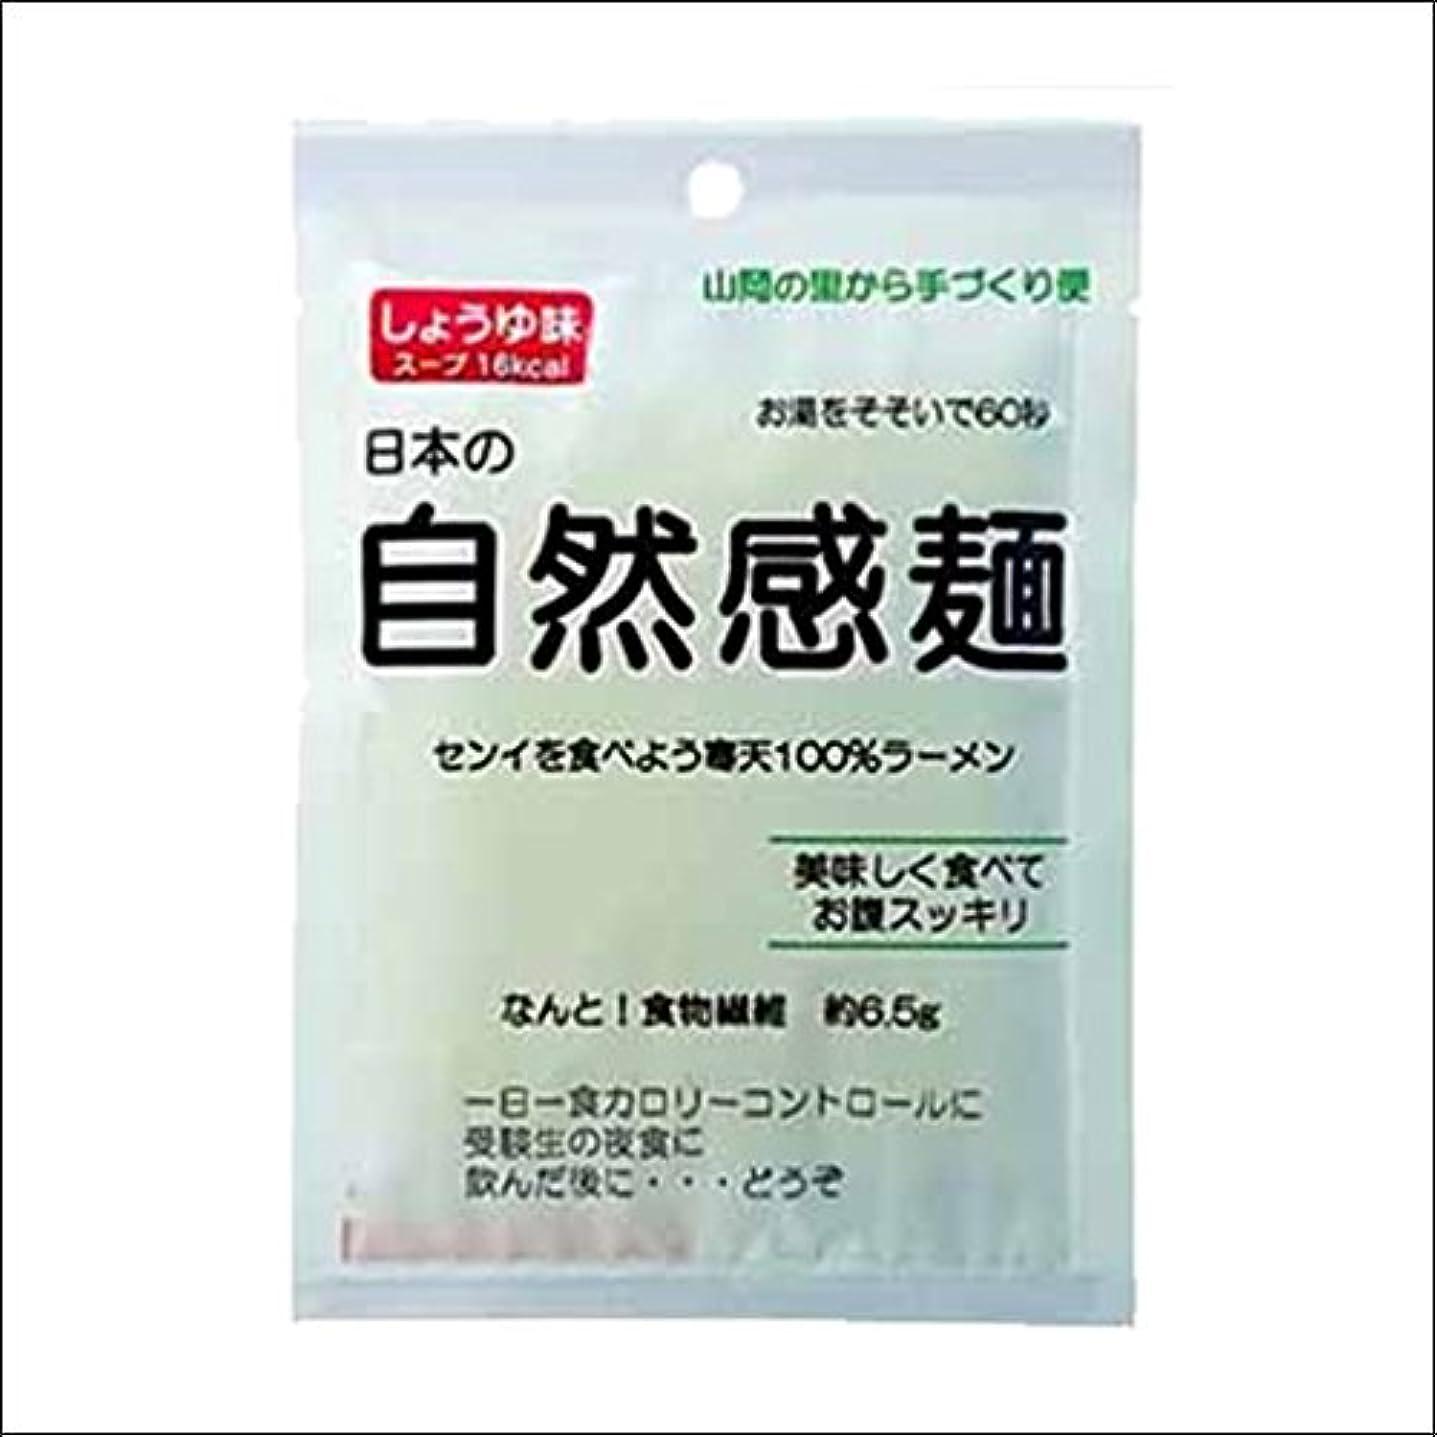 ブロック非公式刈り取る【ダイエットラーメン】 日本の自然感麺(寒天ラーメン) しょうゆ味 1袋